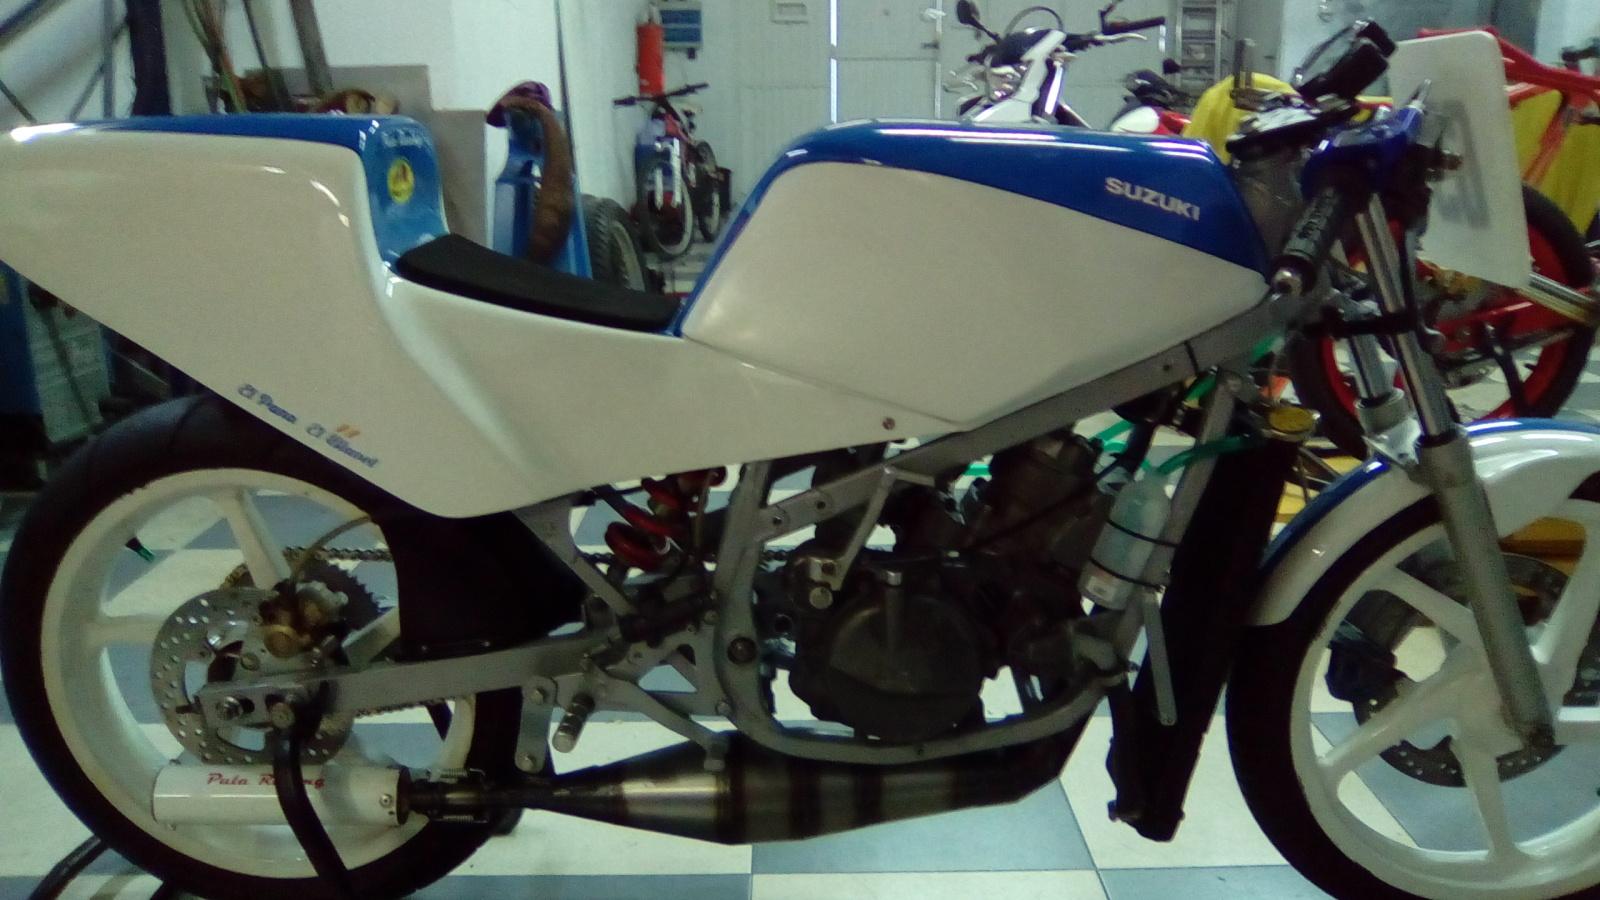 Proyecto Suzuki RG 125 de competición 1492xqh